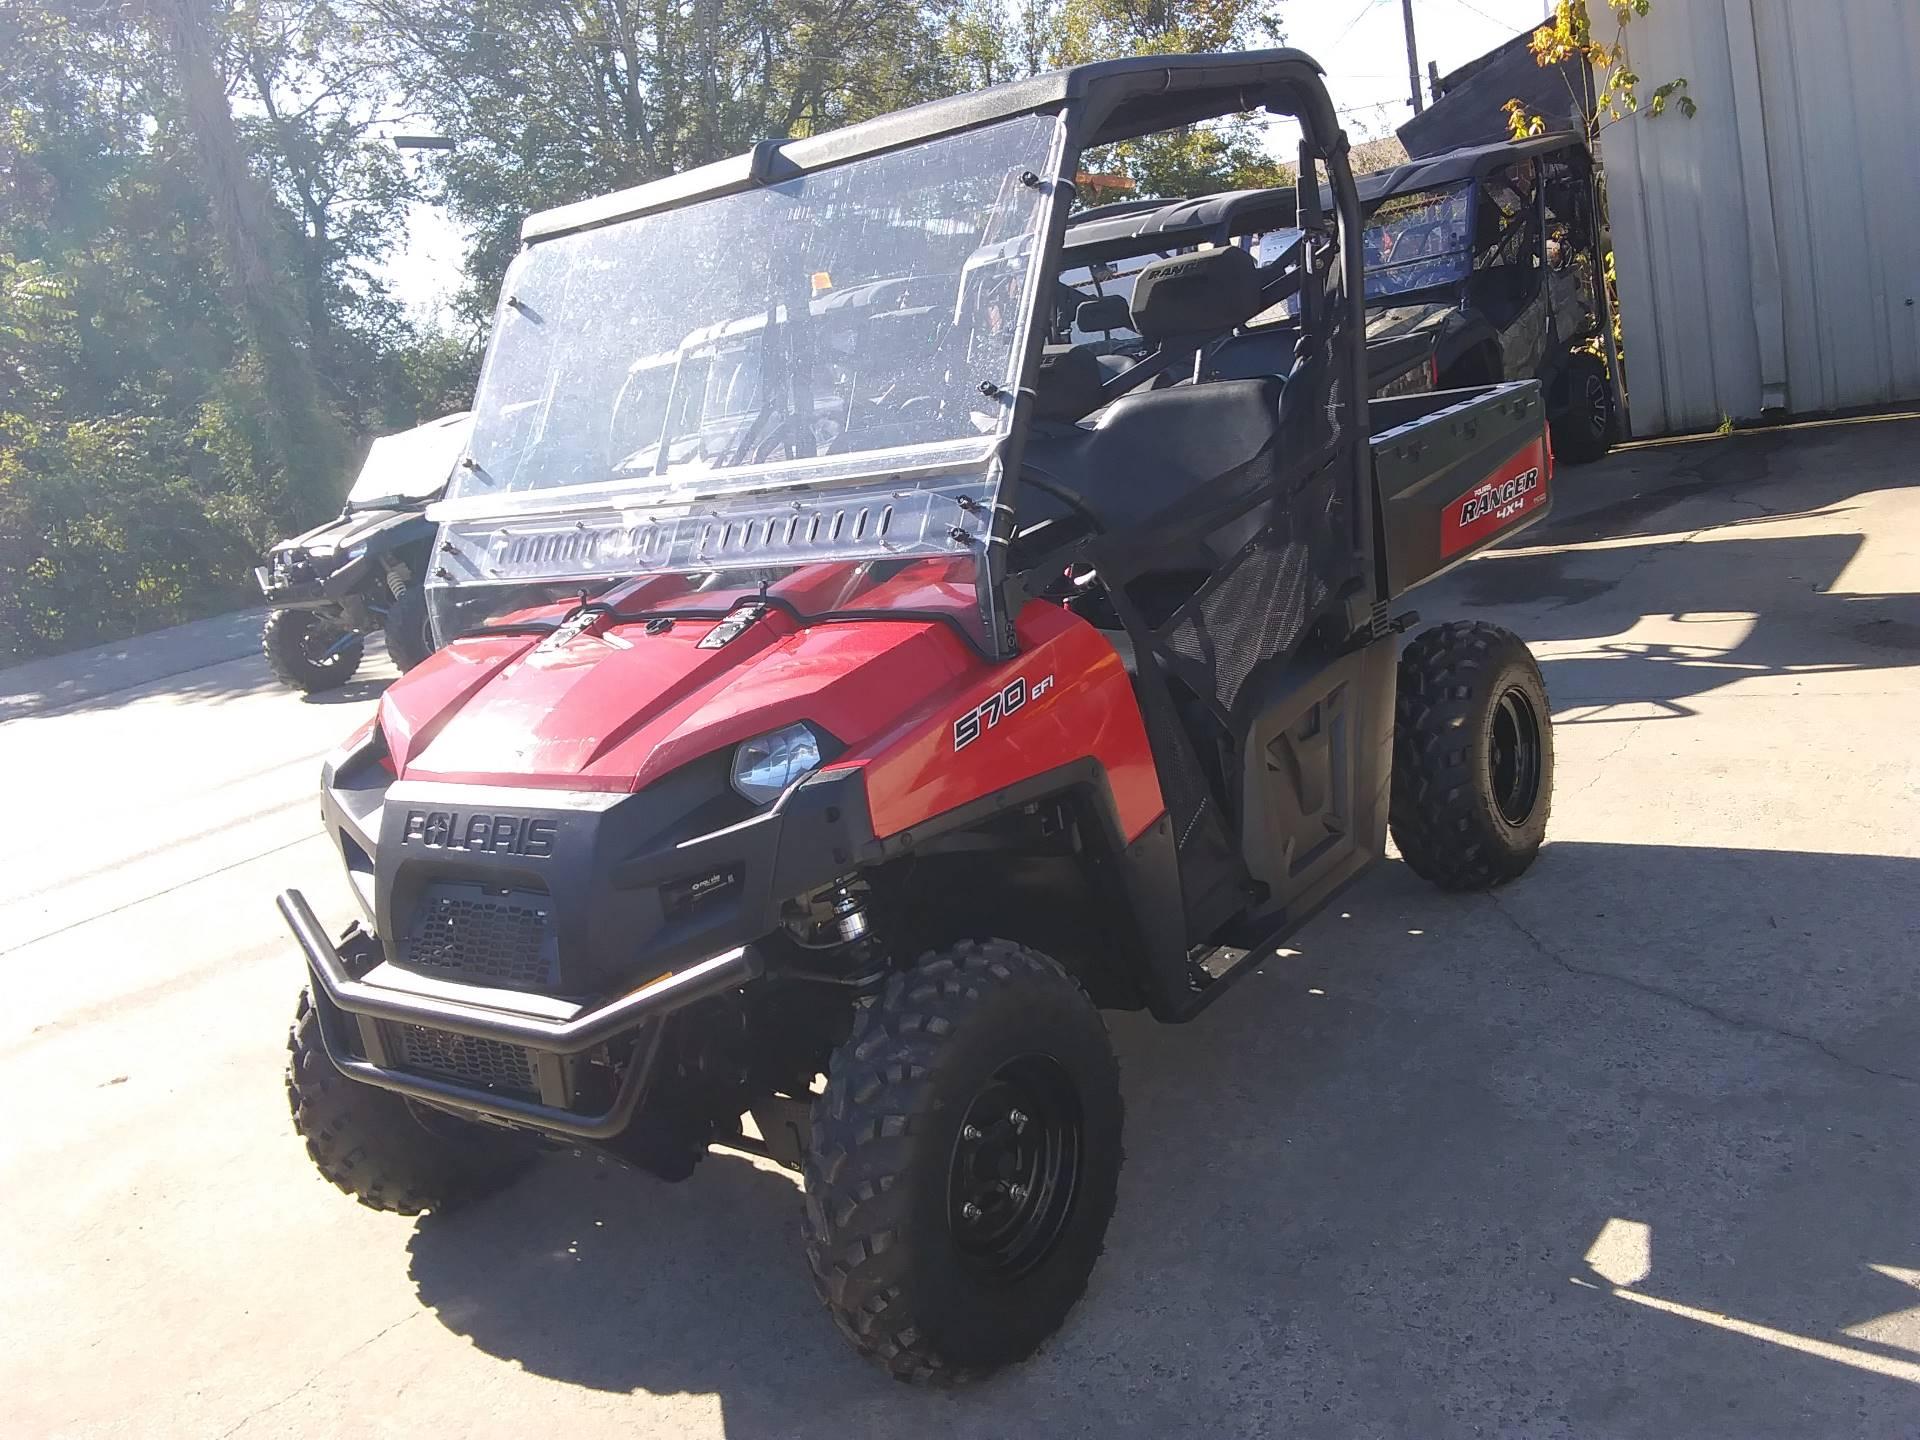 2017 Ranger 570 Full Size